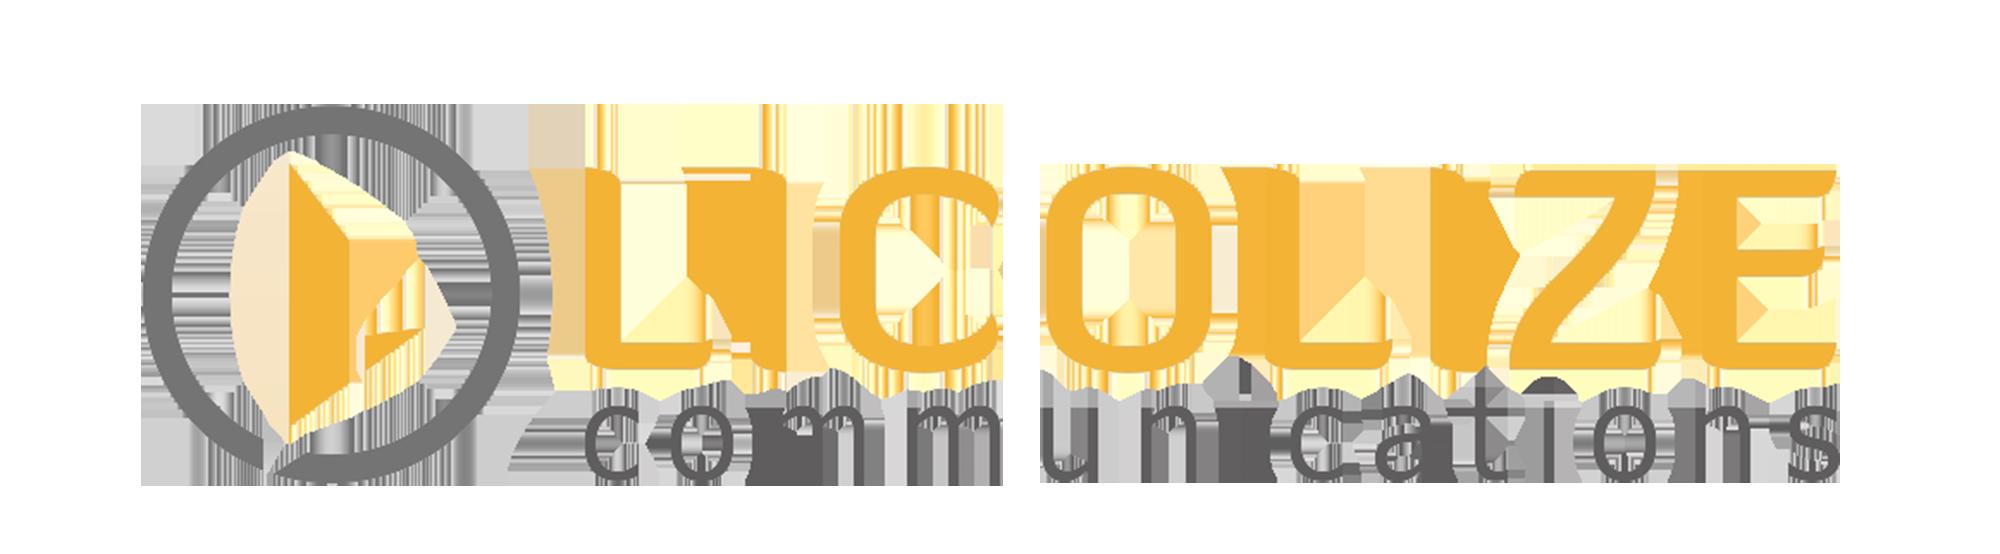 Licolize Communications